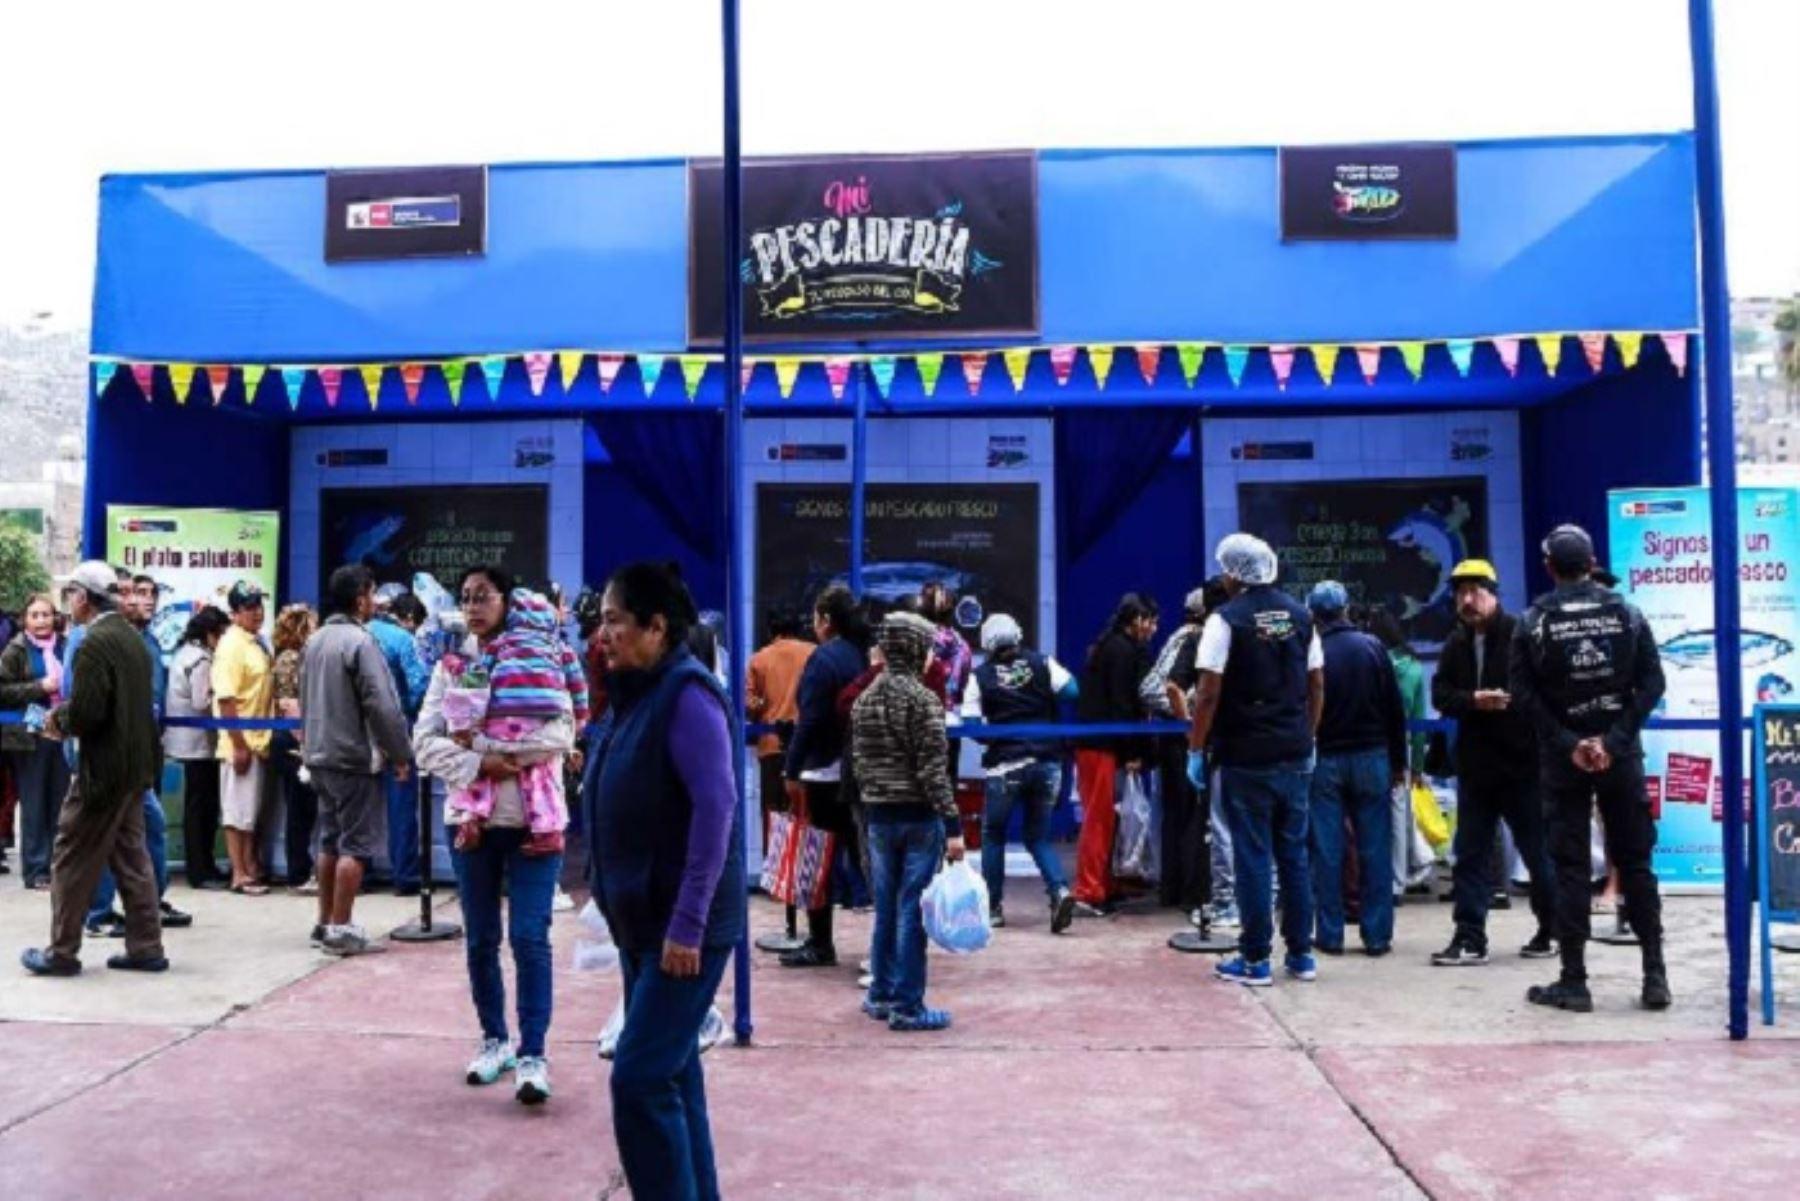 """Debido a las fuertes lluvias y huaicos que vienen afectando a la región Huánuco, queda suspendido el Festival """"Mi Pescadería"""" del Programa Nacional """"A Comer Pescado"""", programado para este sábado 16 de marzo, en el distrito de Mariano Dámaso Beraún, provincia de Leoncio Prado."""